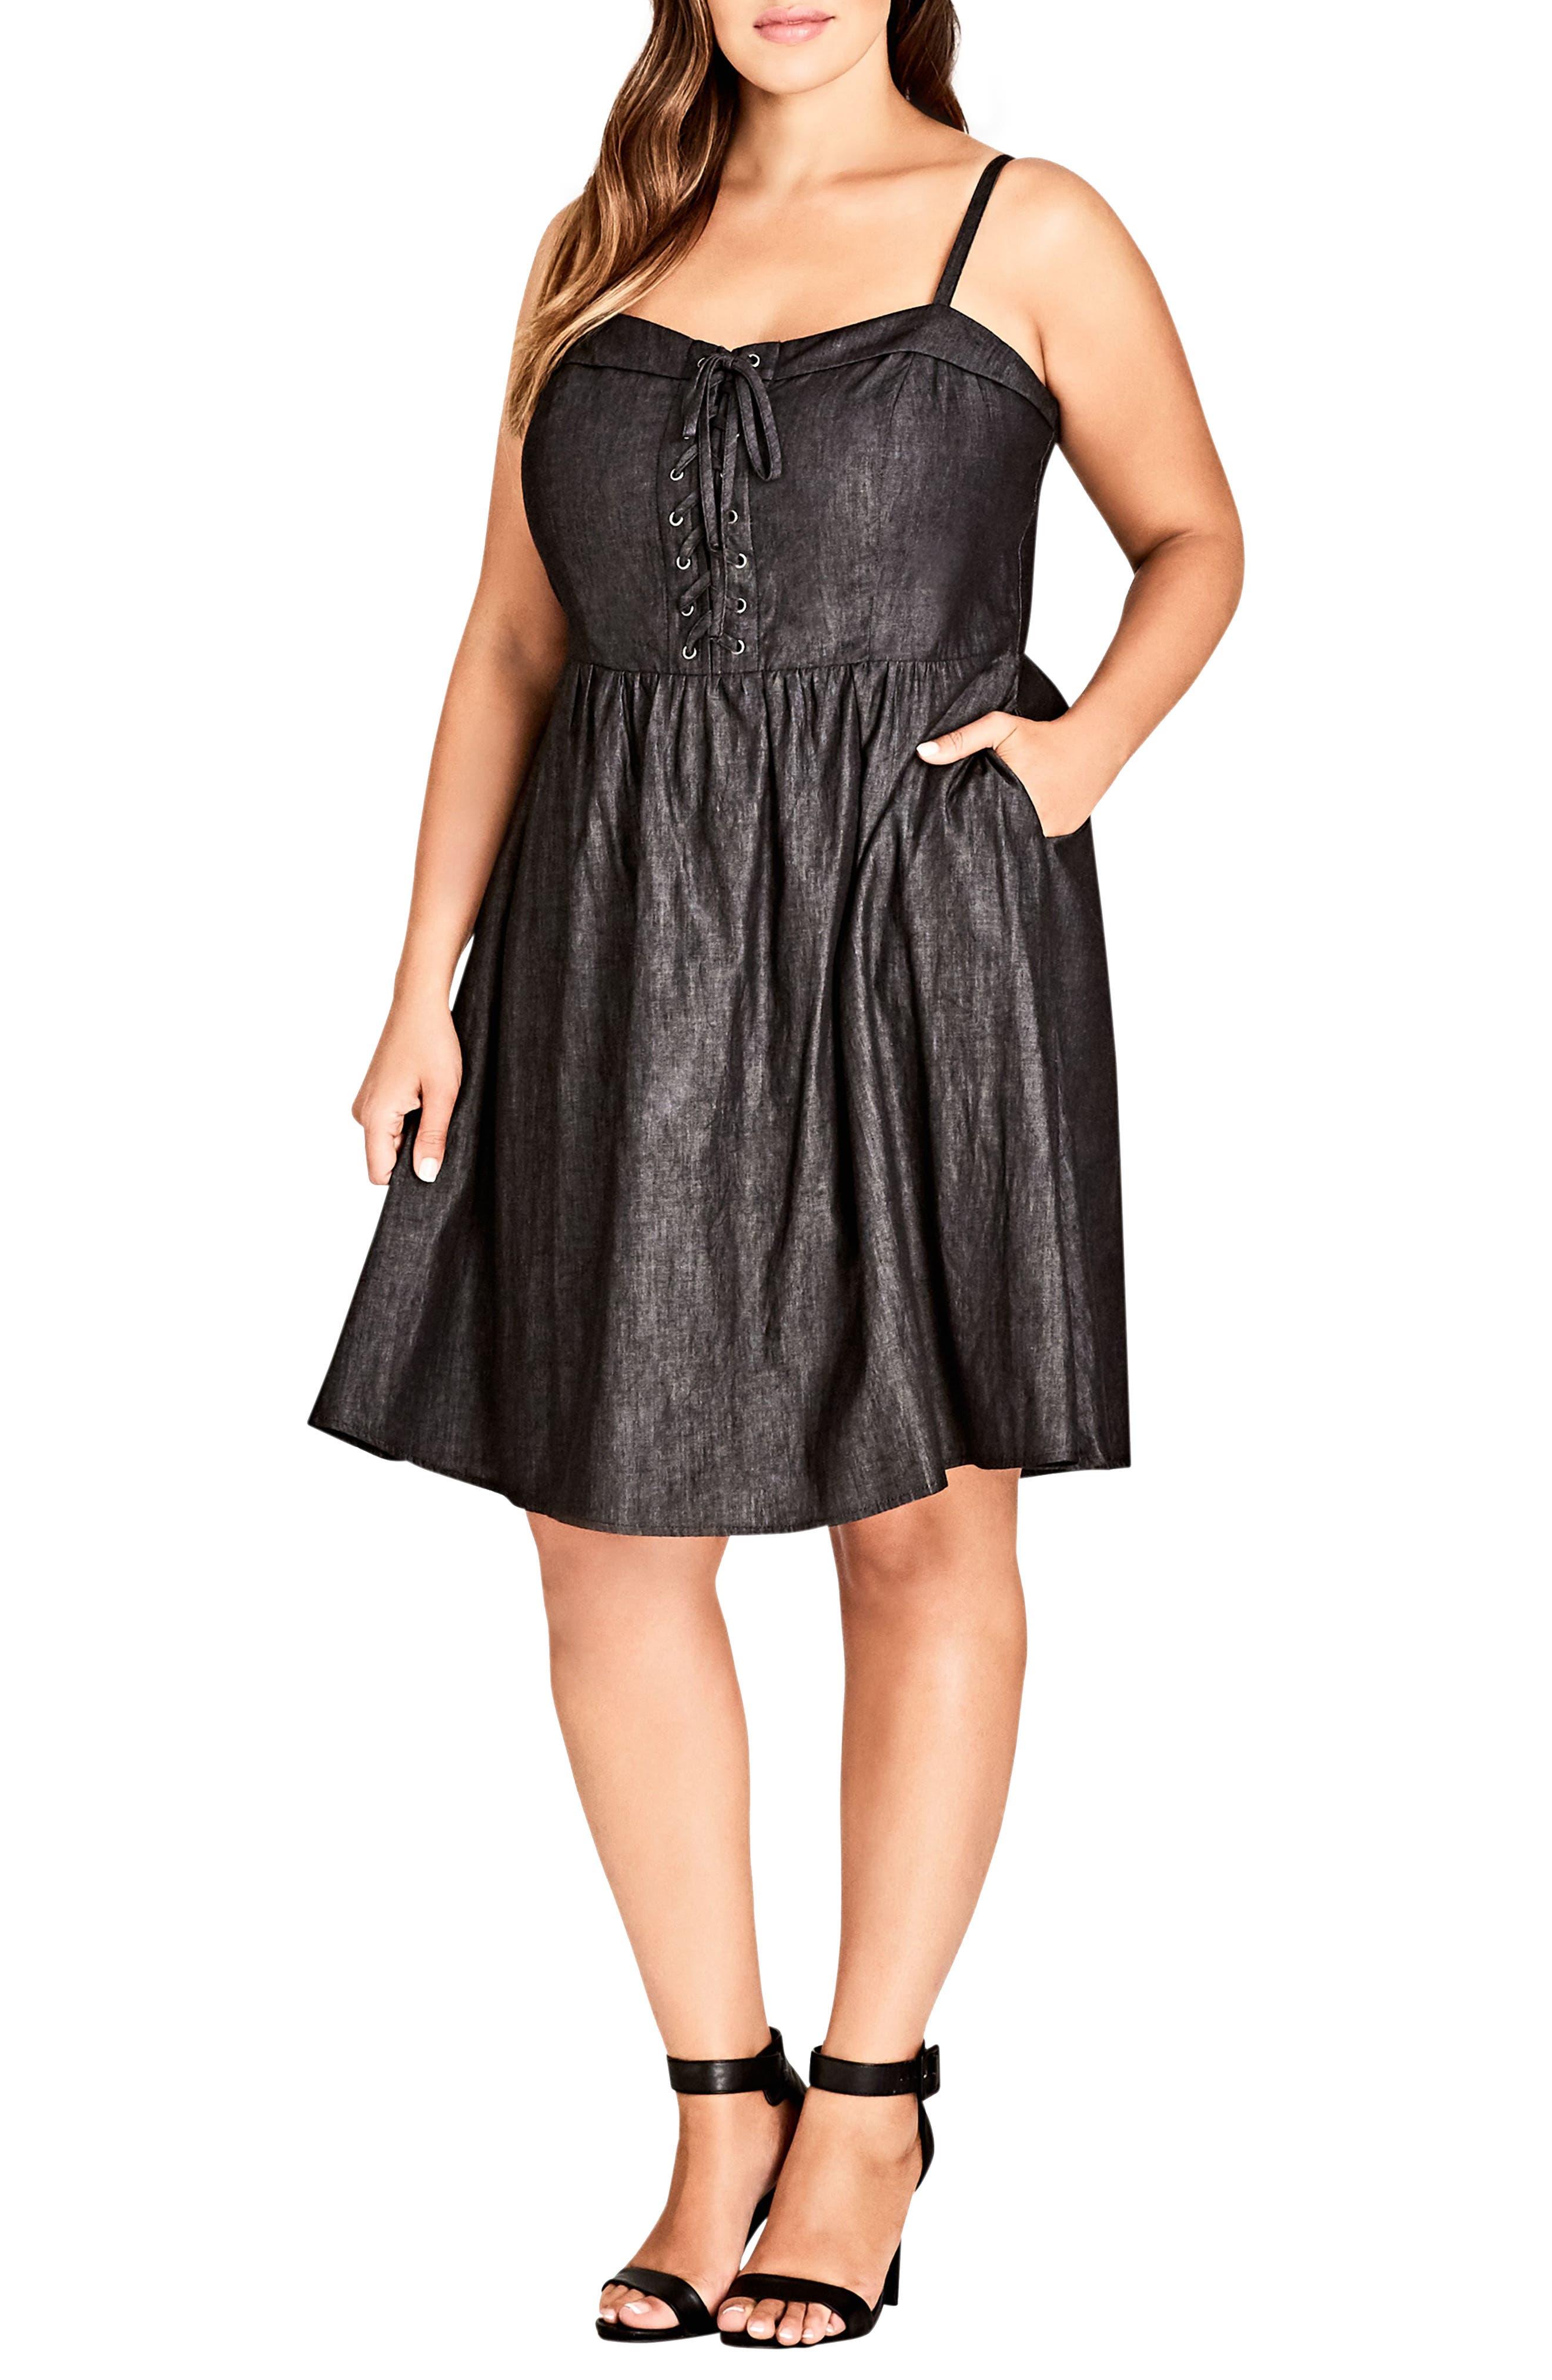 Sweet Feels Dress,                             Main thumbnail 1, color,                             Black